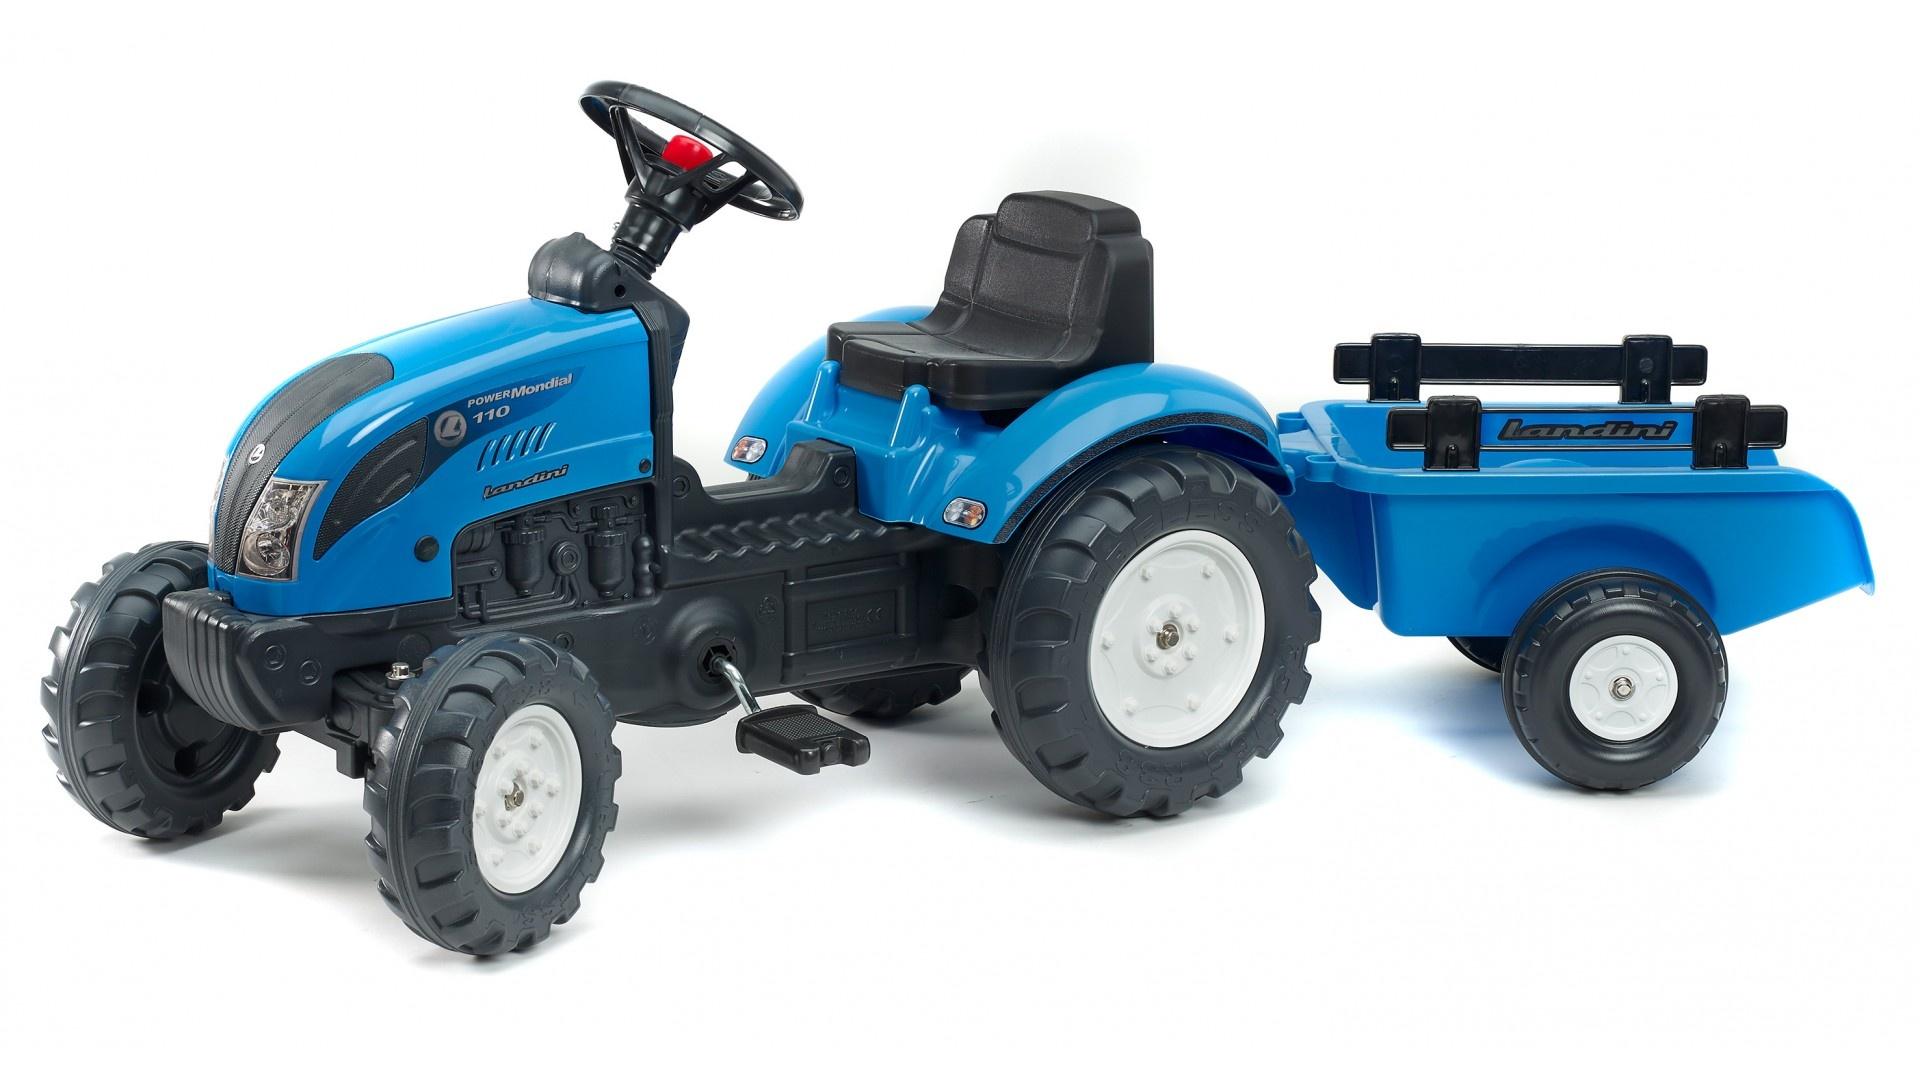 Falk Šlapací traktor LANDINI POWERMONDIAL 110 2050C + vlečka